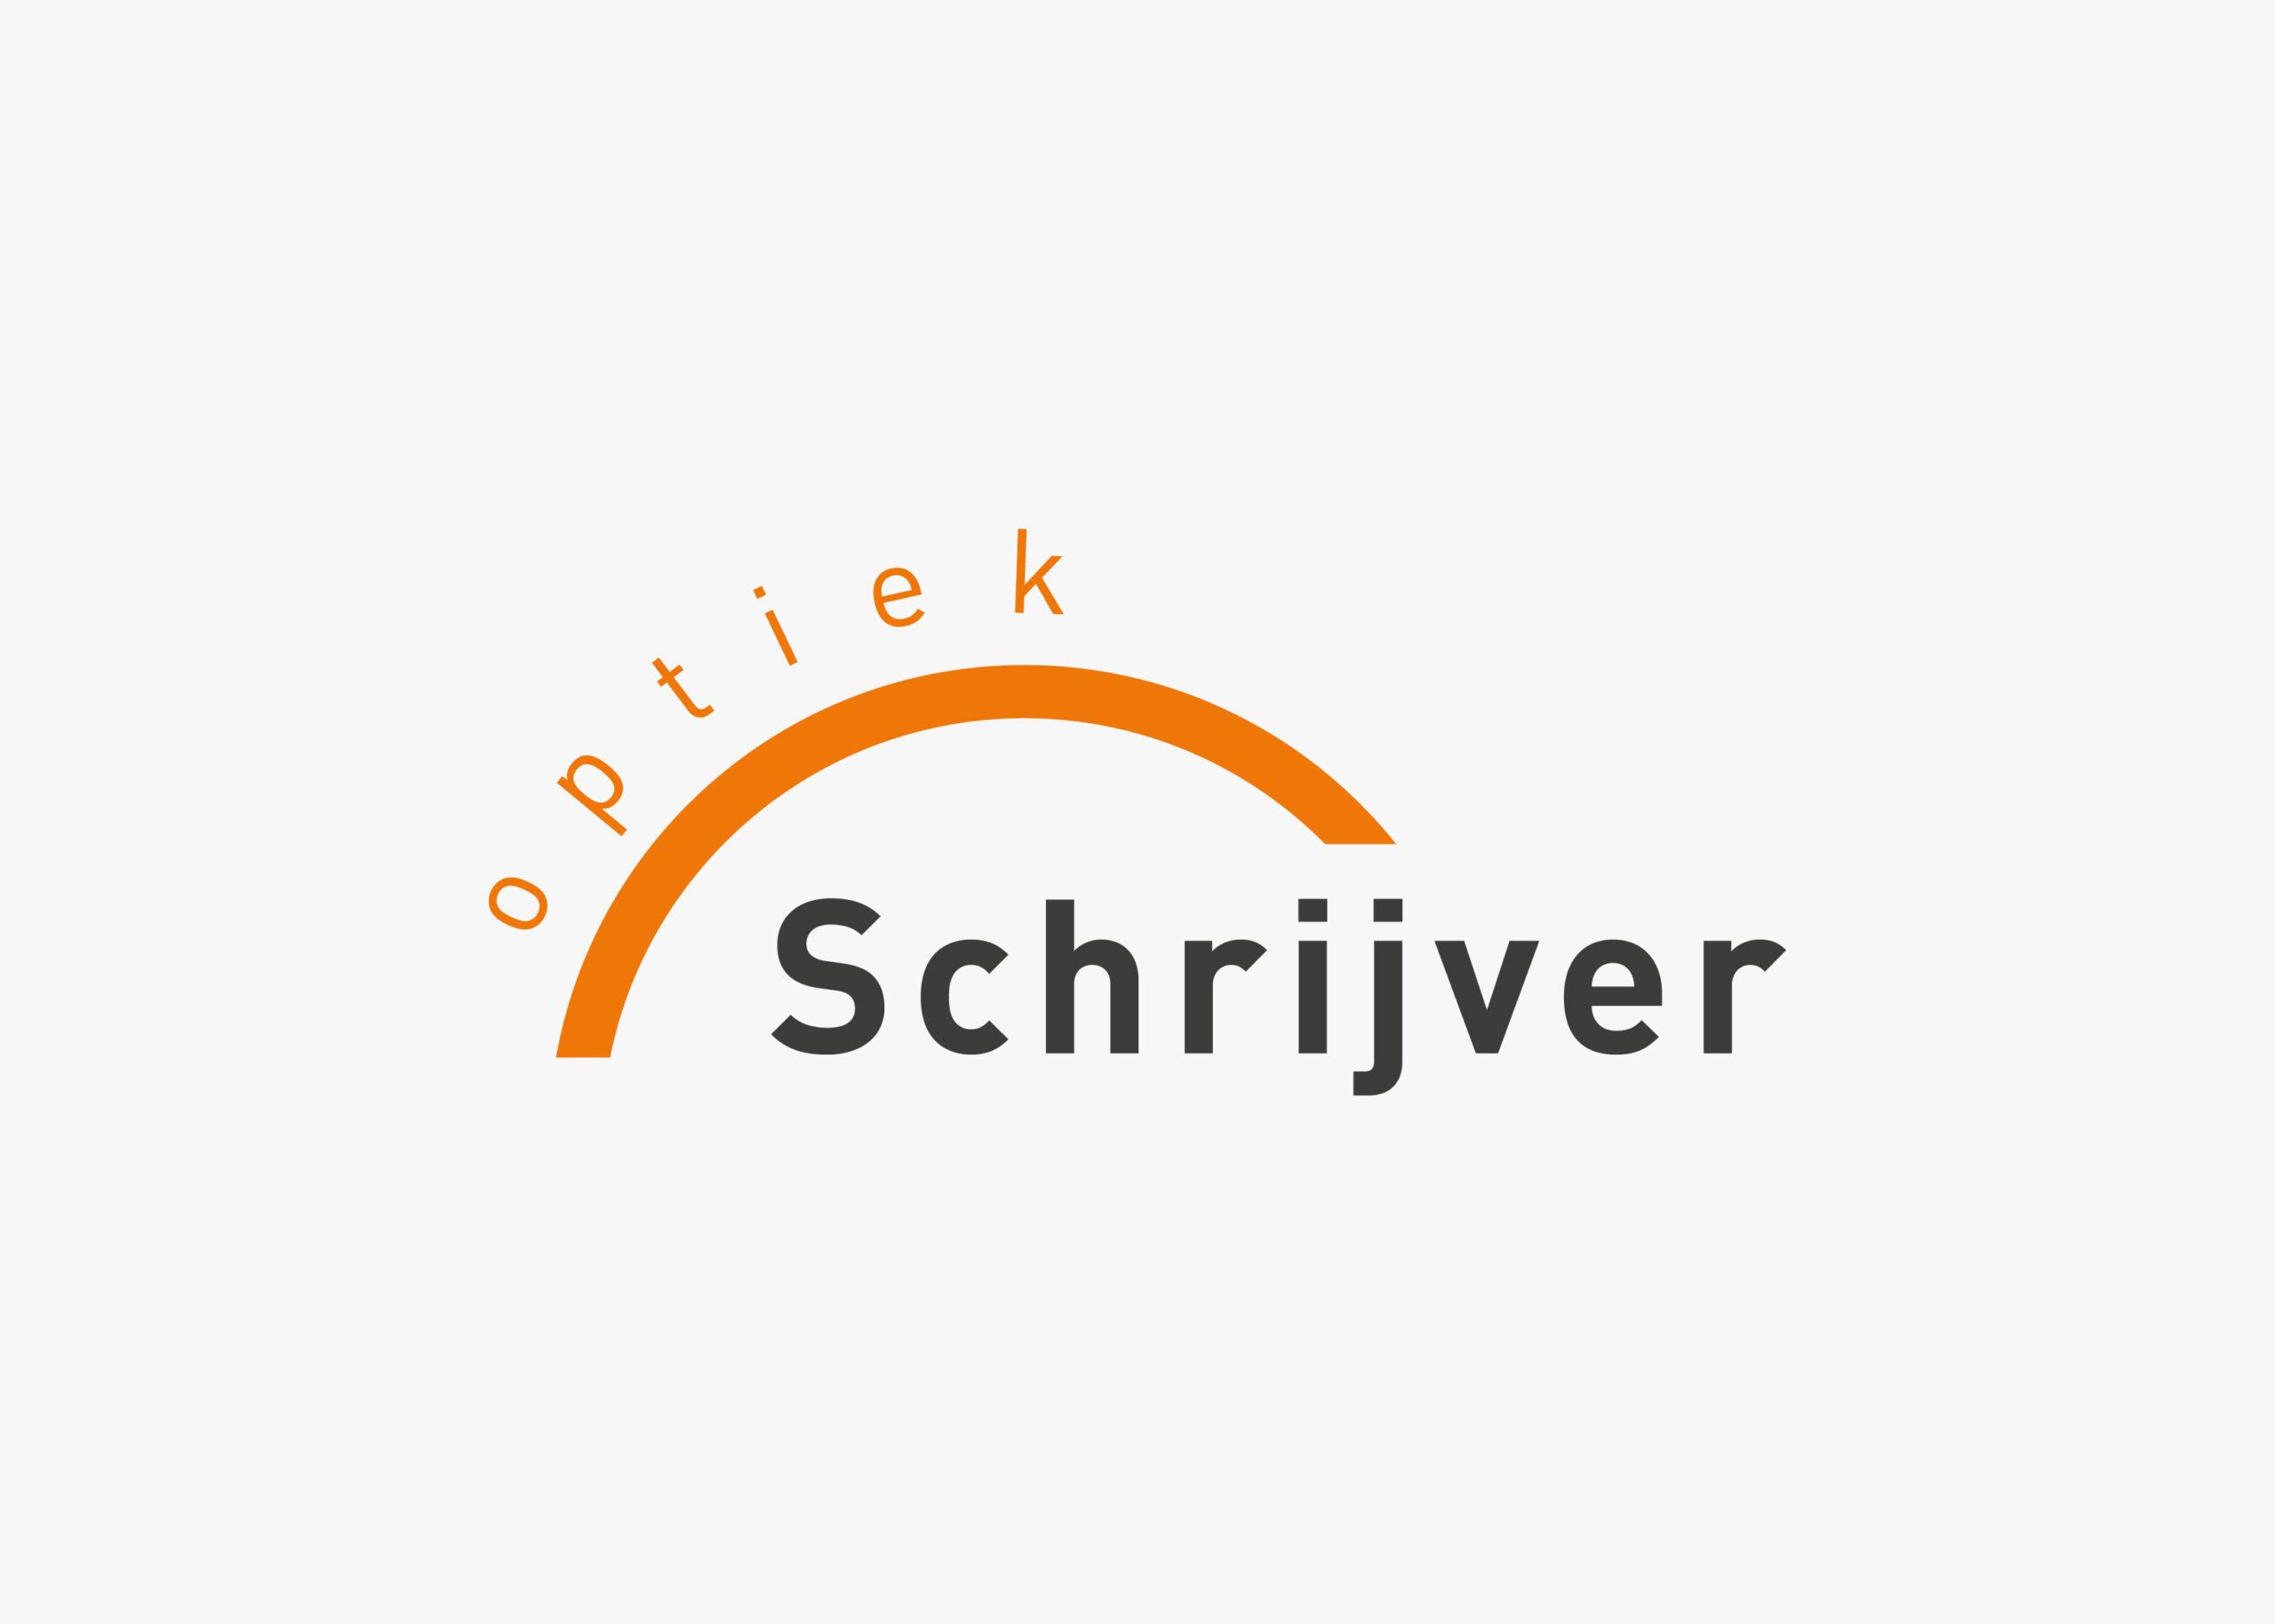 Schrijver-Optiek-opticien-logo-ontwerp-burowit-David-van-der-Toorn-Jan-Schrijver-1